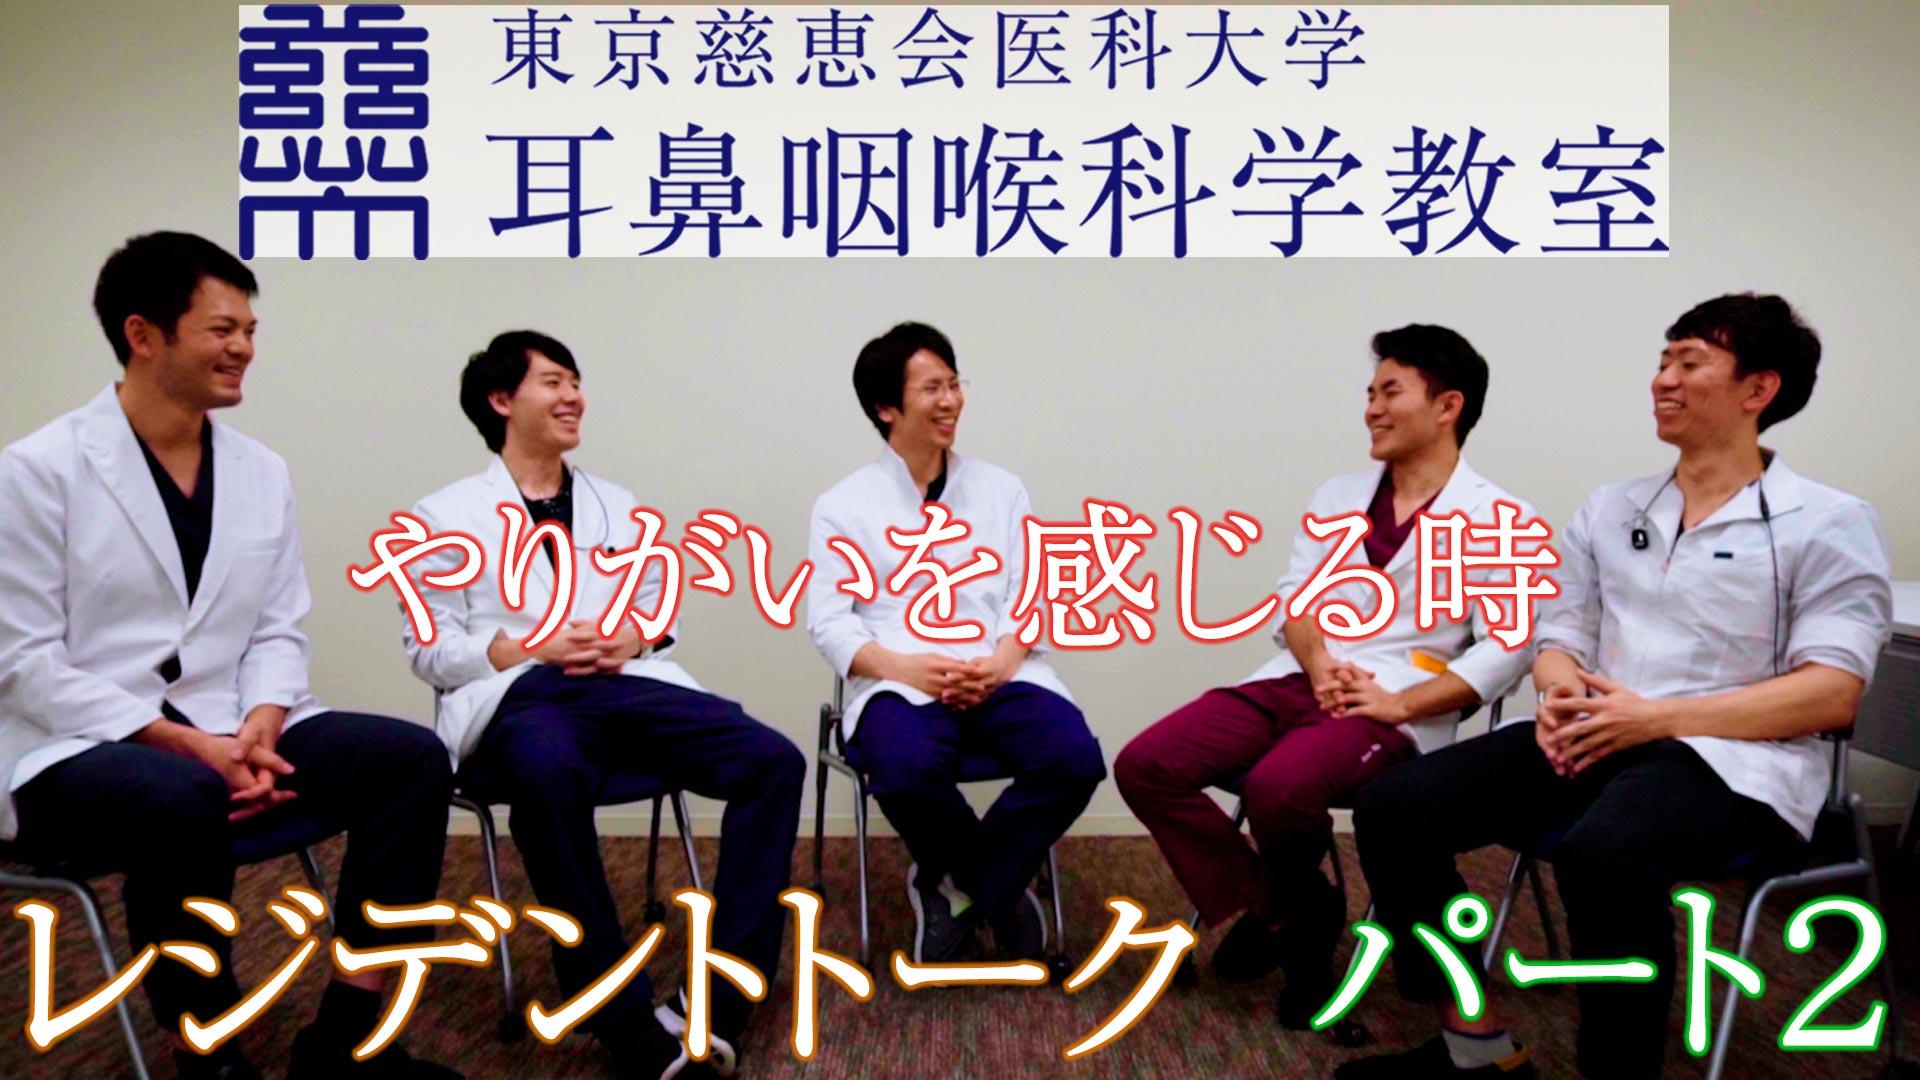 グループインタビュー02